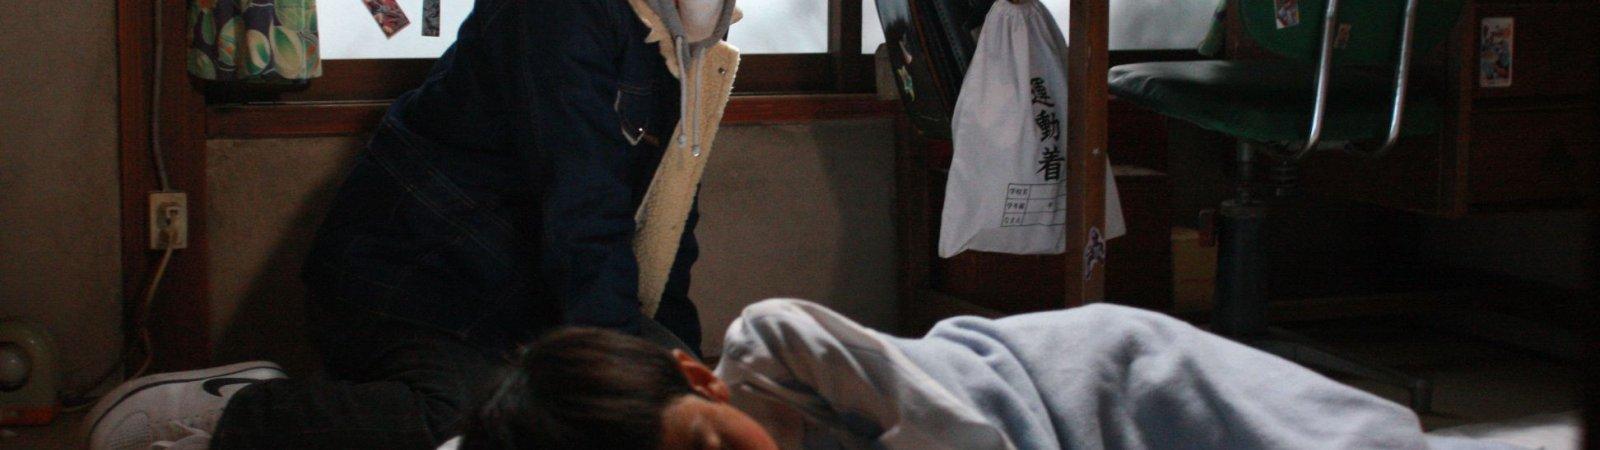 Photo dernier film Toshiaki Karasawa